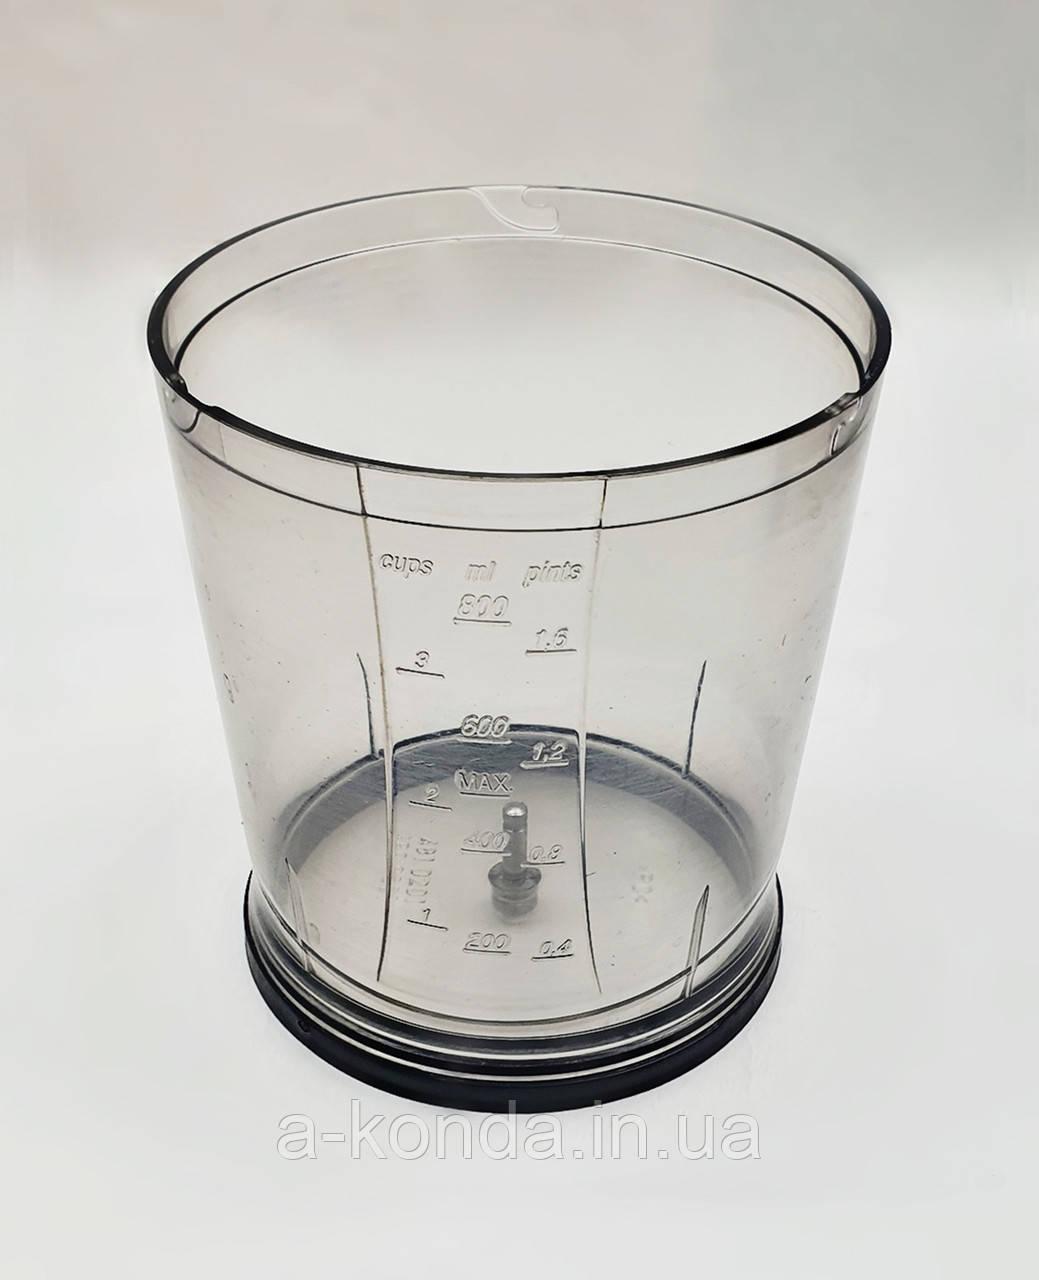 Чаша измельчителя 800ml для блендера Zelmer 480.0201